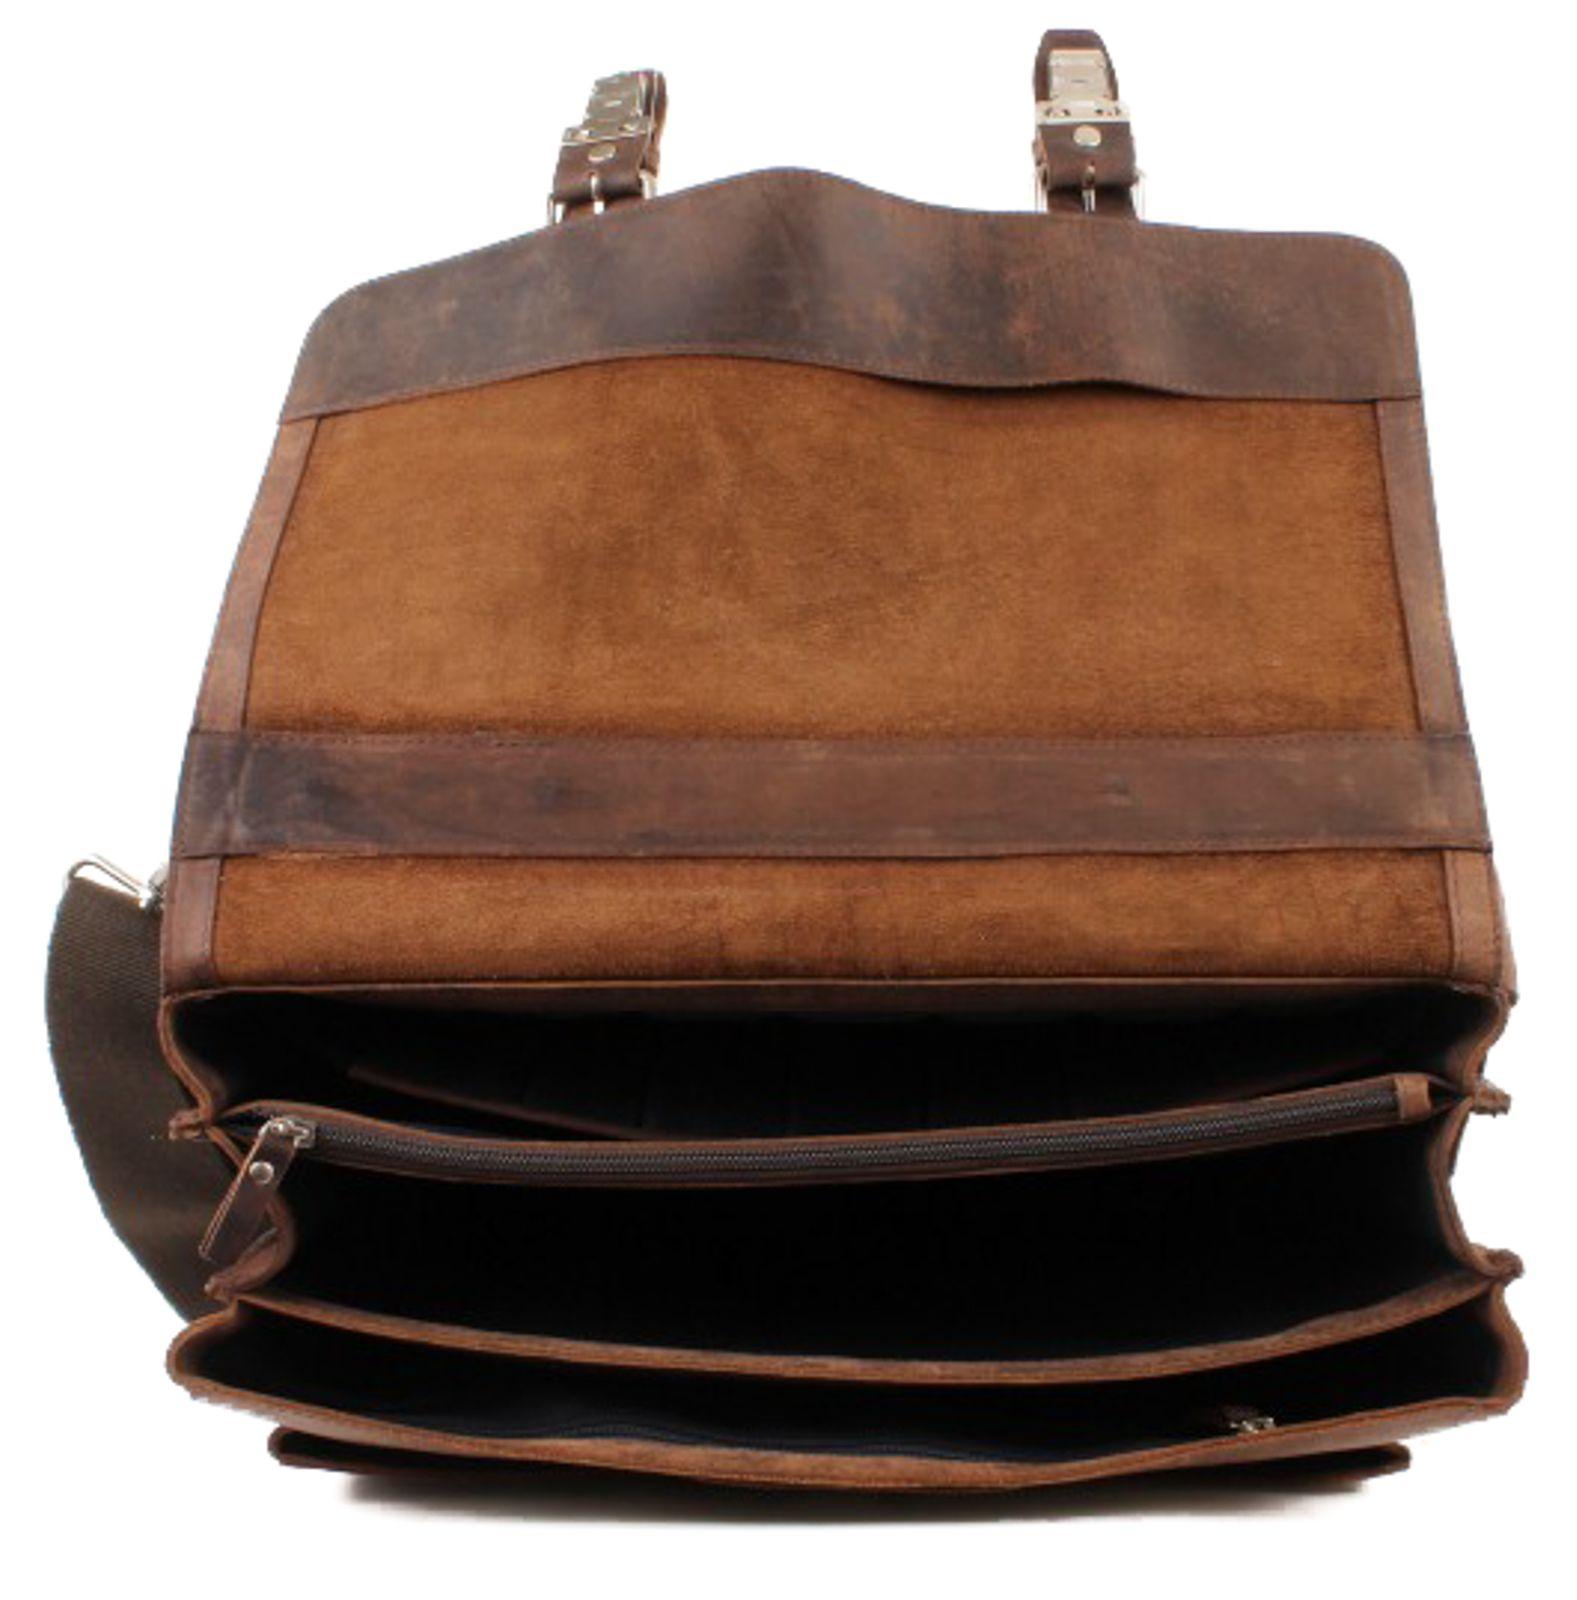 LEONHARD HEYDEN Salisbury Briefcase L Brown